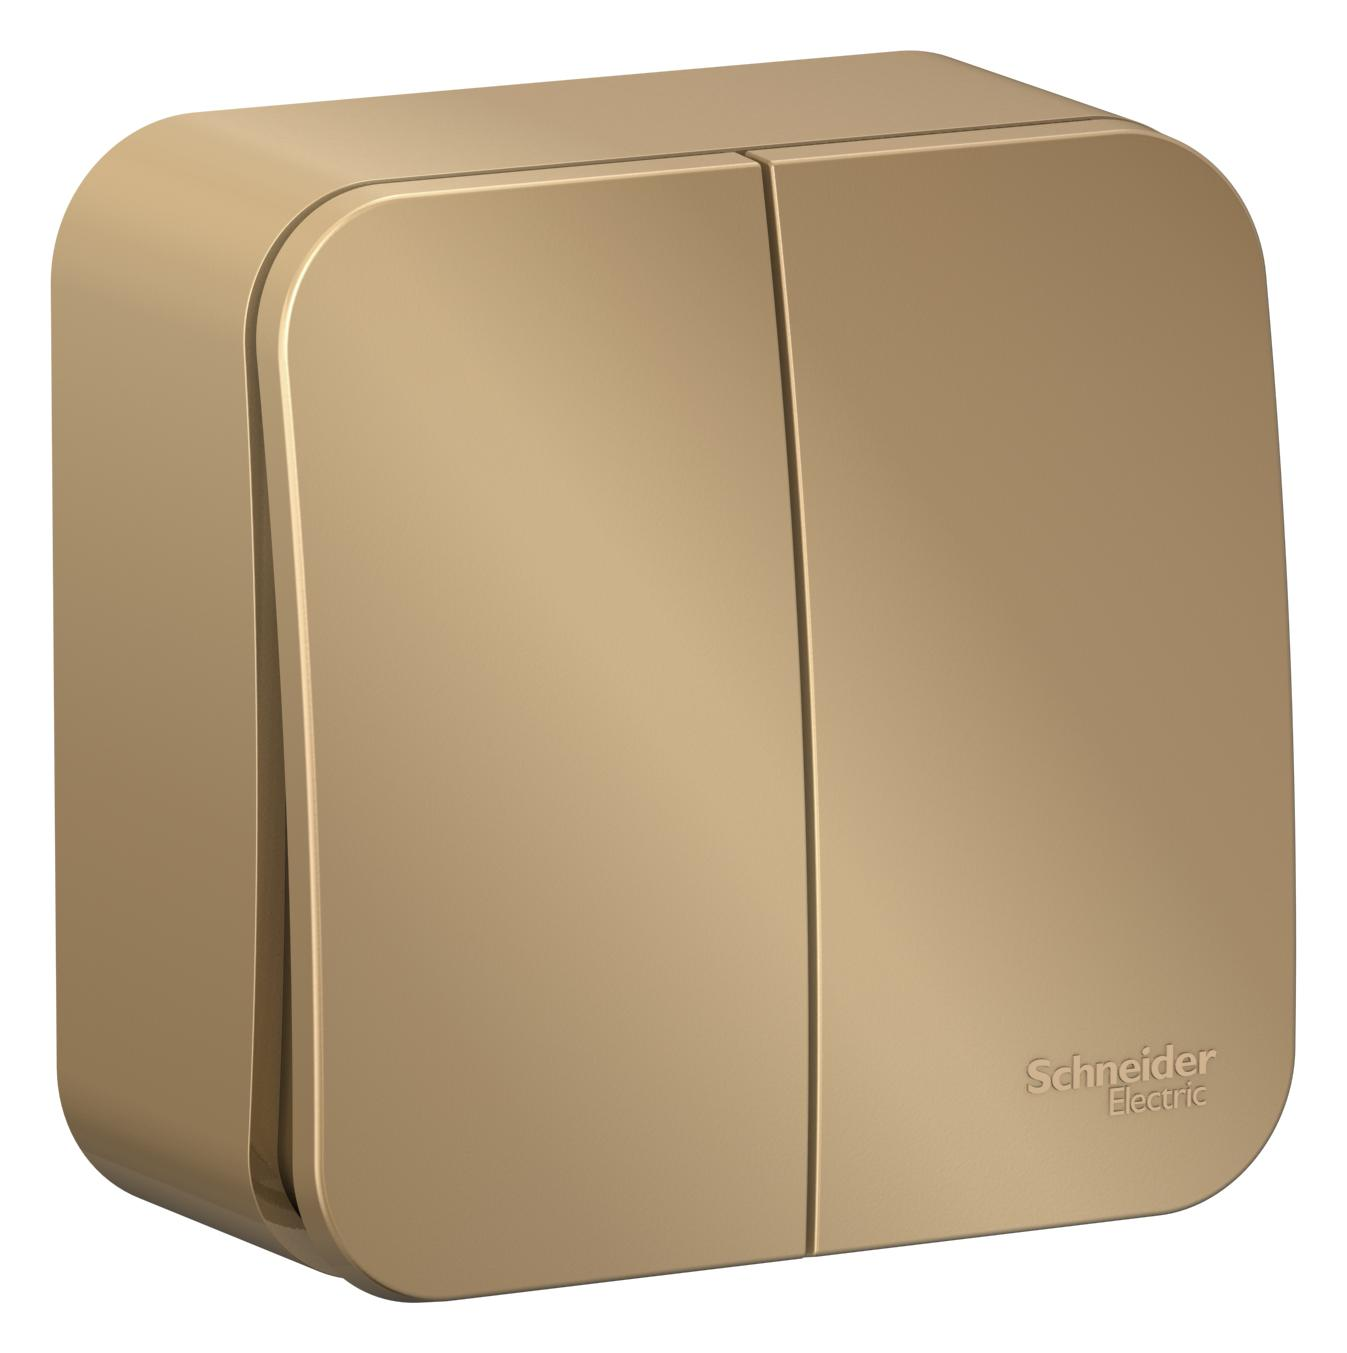 Выключатель Schneider electric Blnva105004 blanca выключатель schneider electric blnva101013 blanca